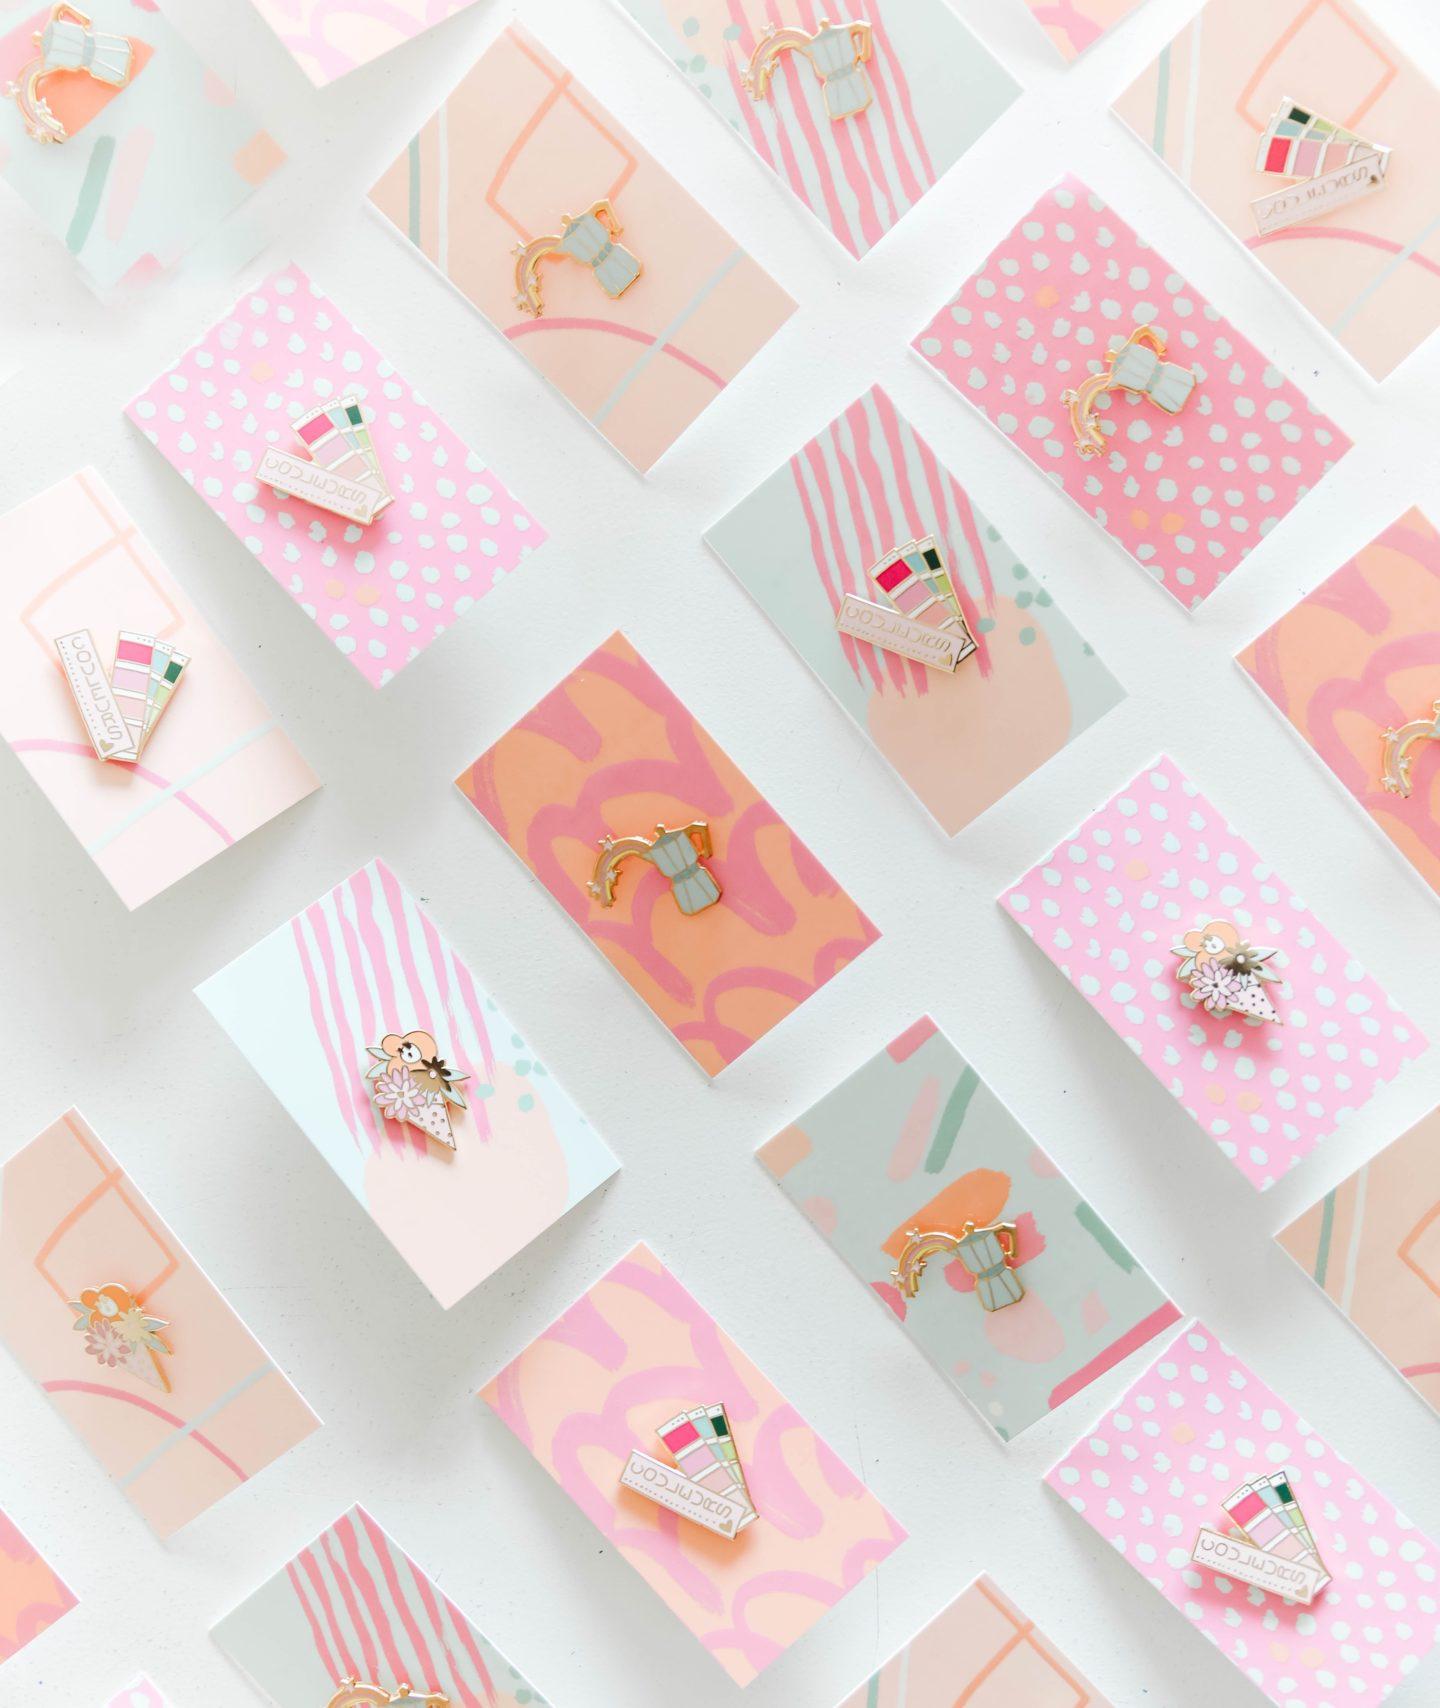 The prettiest pastel enamel pins